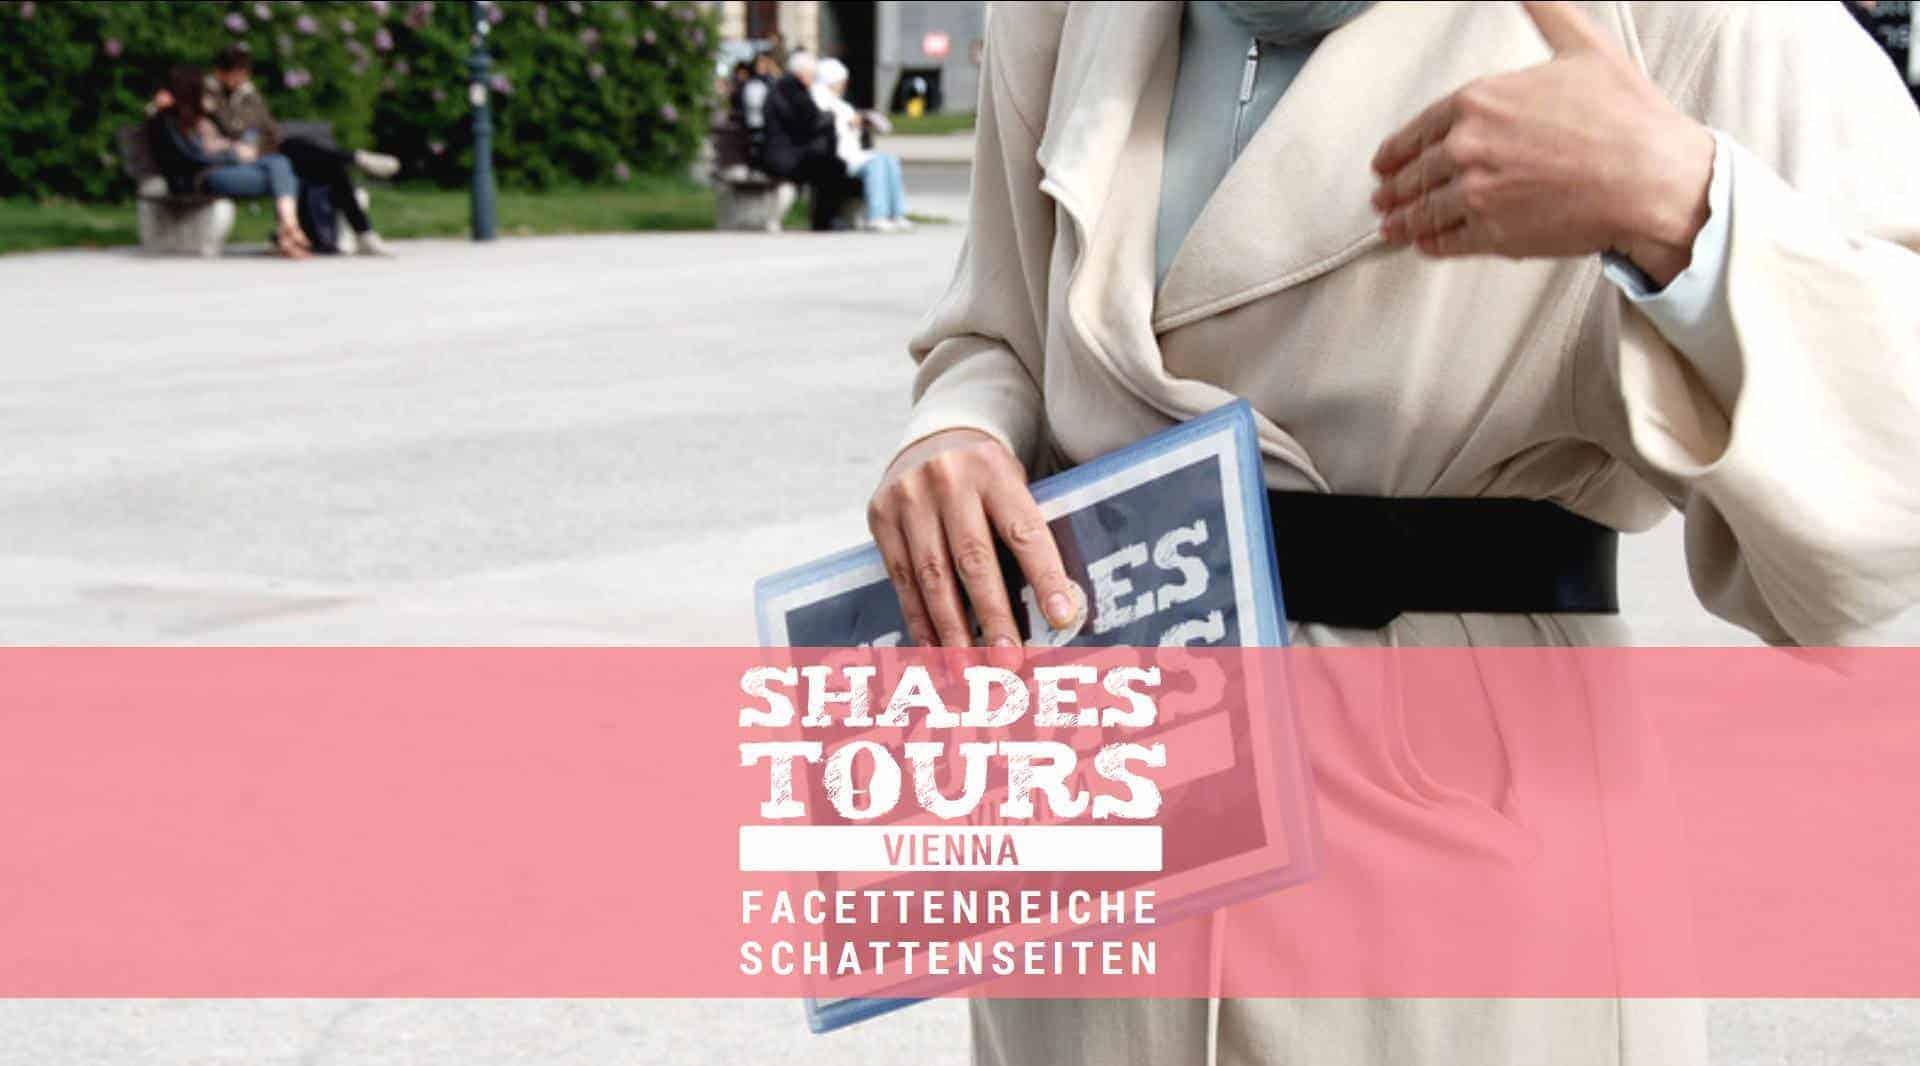 SHADES TOURS: Auf den Spuren der Obdachlosigkeit 1